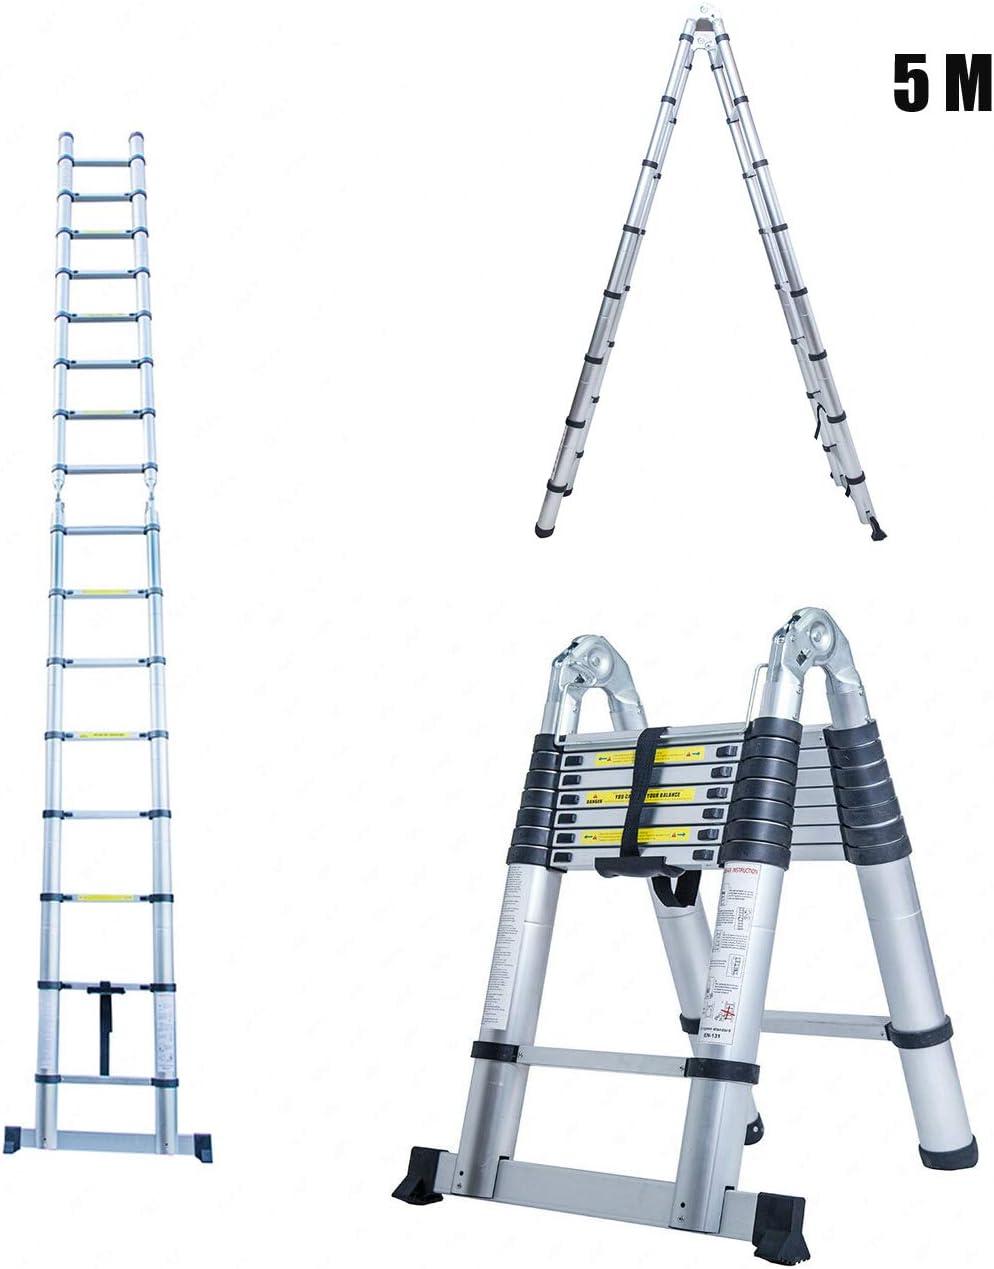 Escalera telescópica, escalera plegable, escalera doble, escalera doméstica, escalera de aluminio, 5 metros: Amazon.es: Bricolaje y herramientas